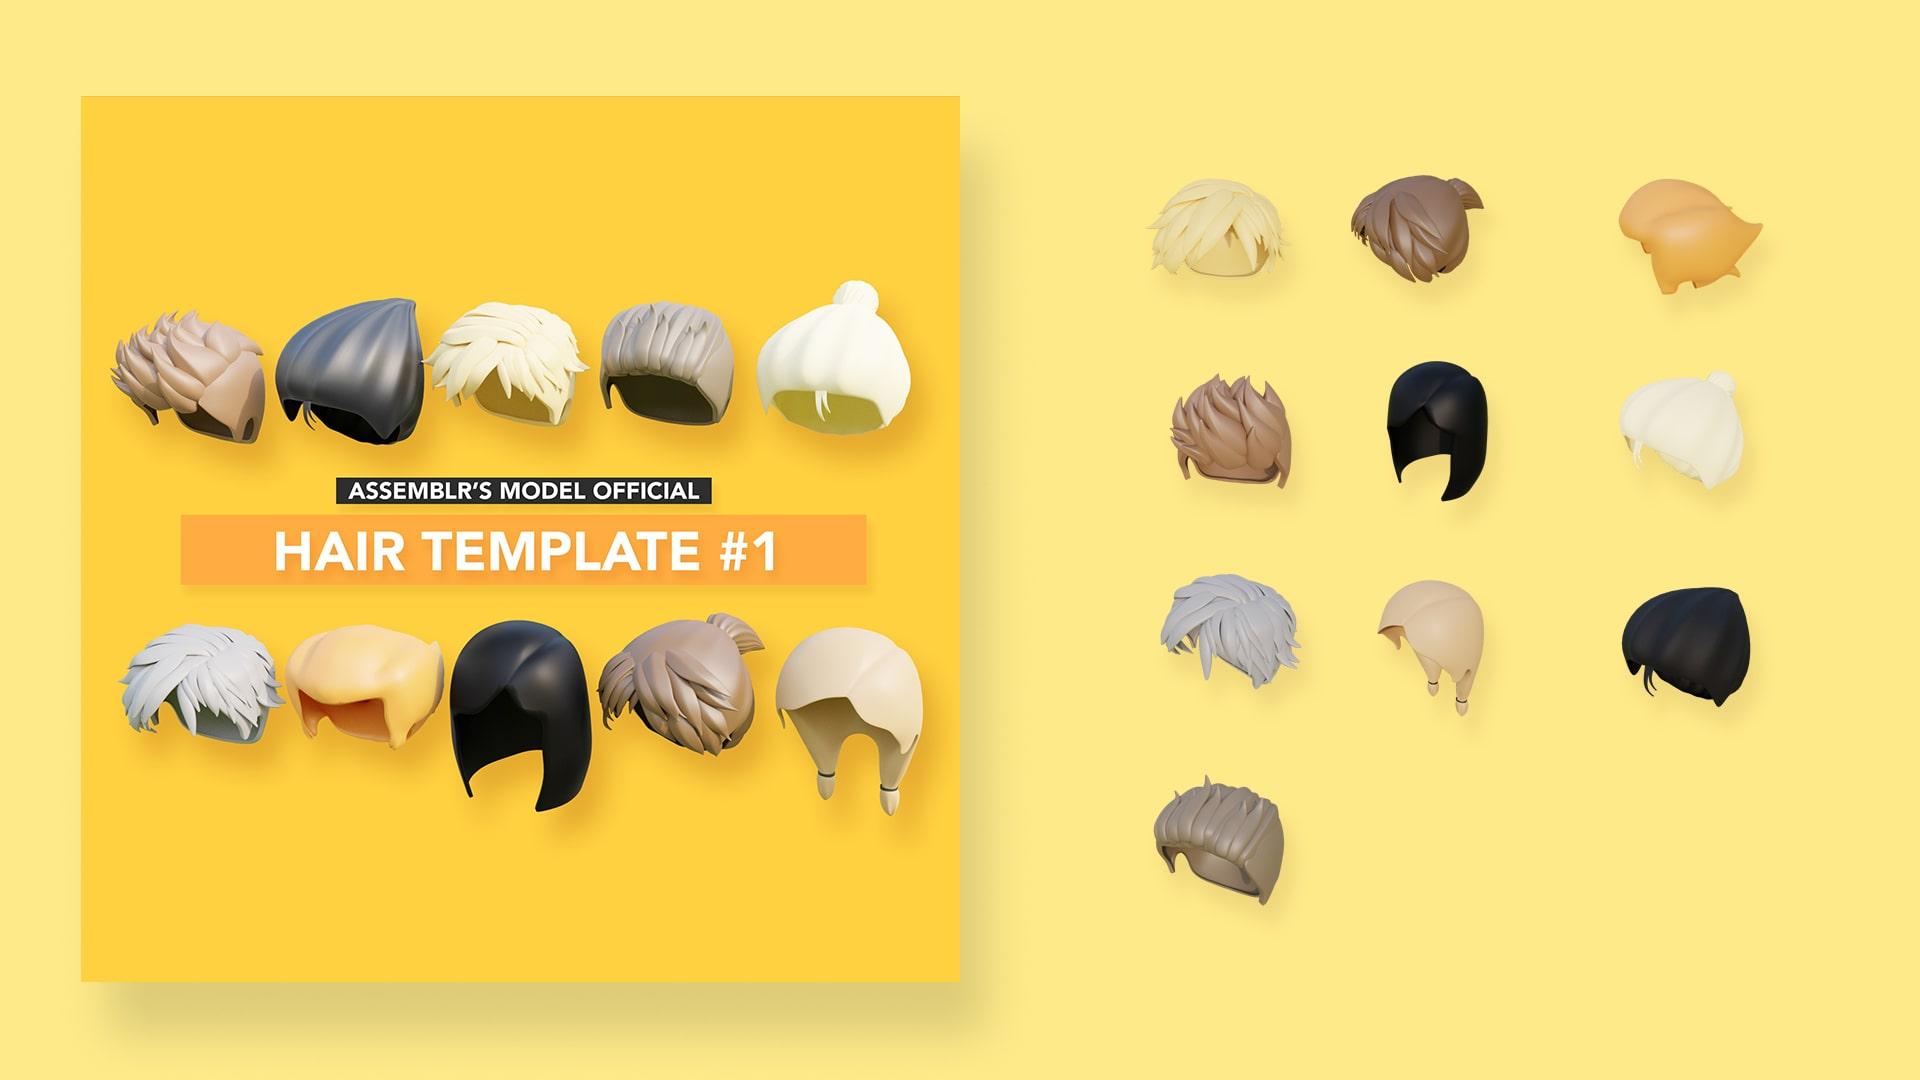 Hair template #1